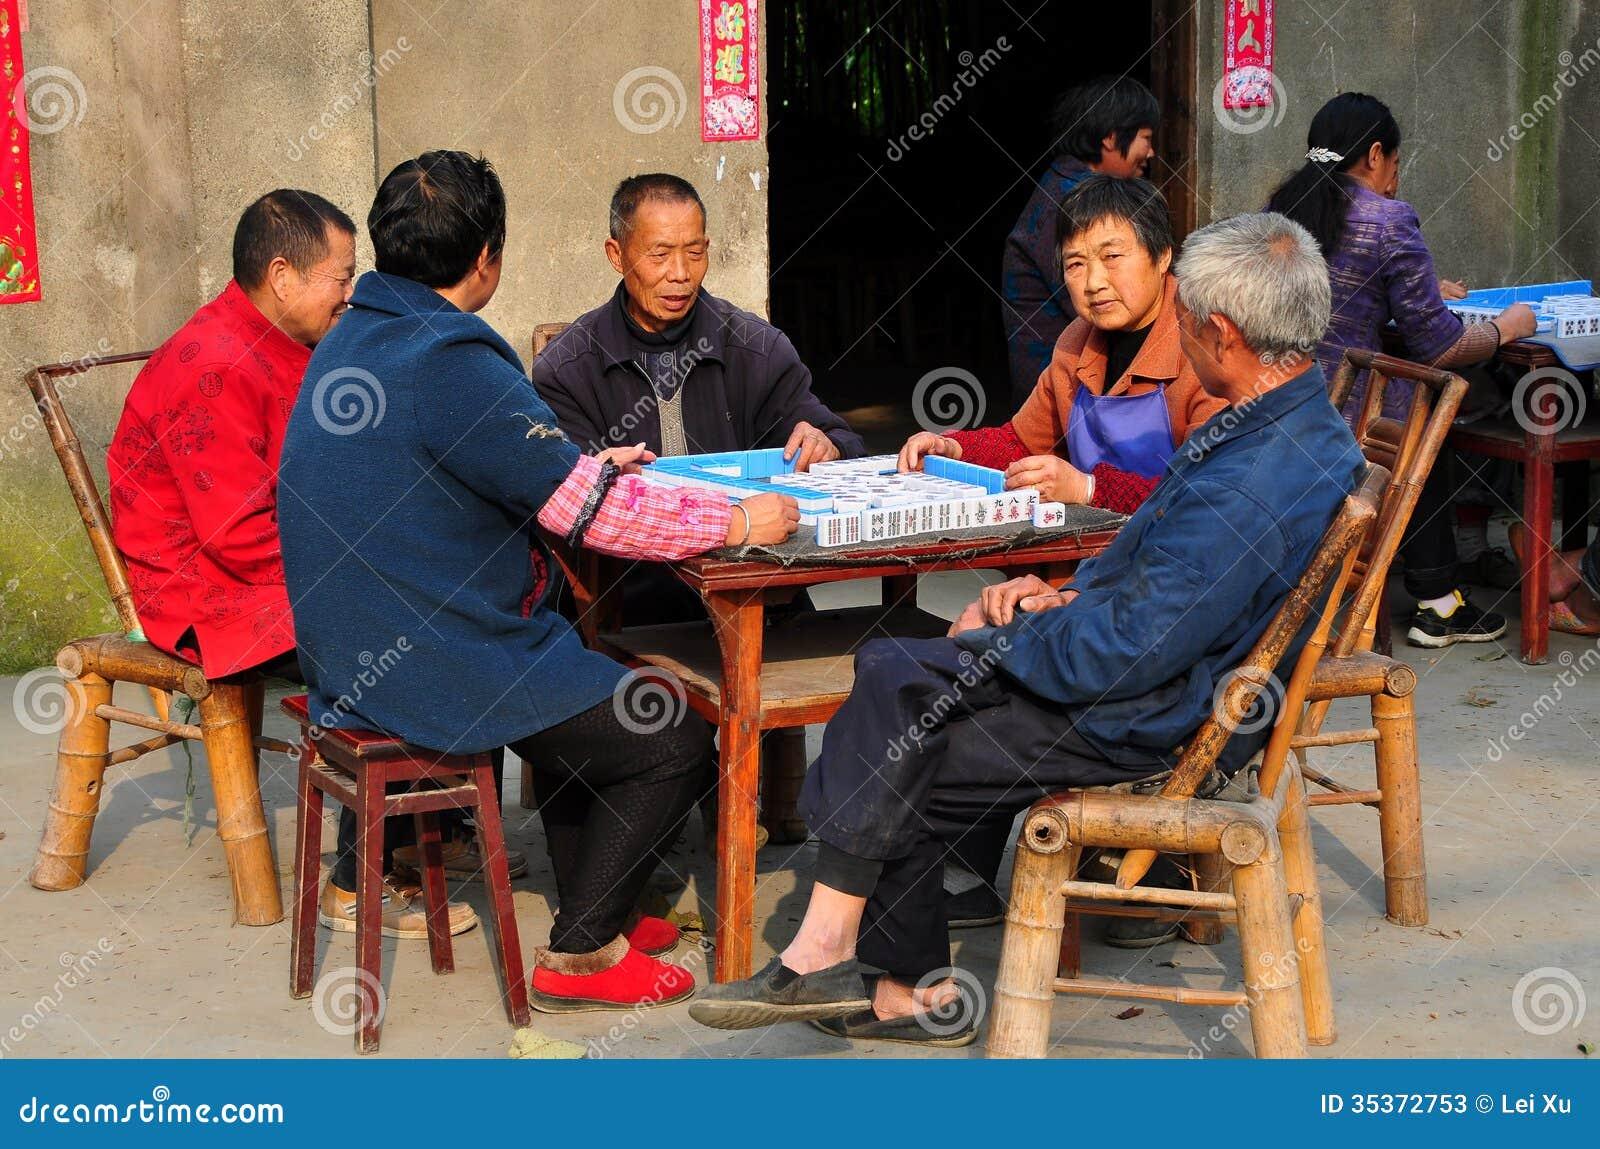 game mah jong